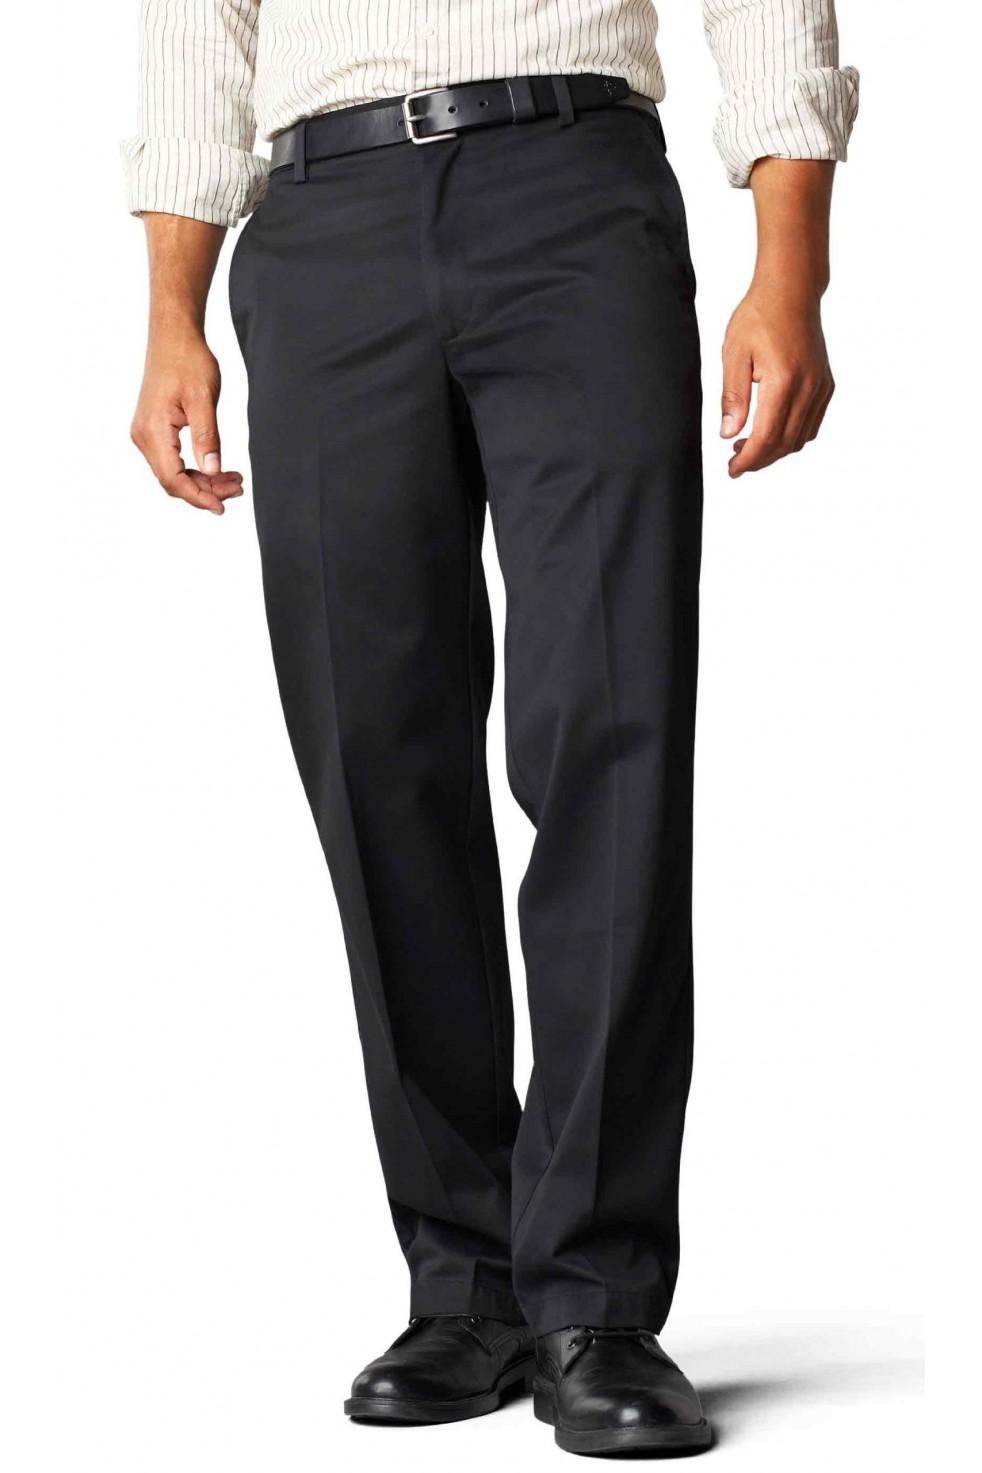 Dockers-Erkek-Pantolon-D2-Classic-Fit-40828-0010